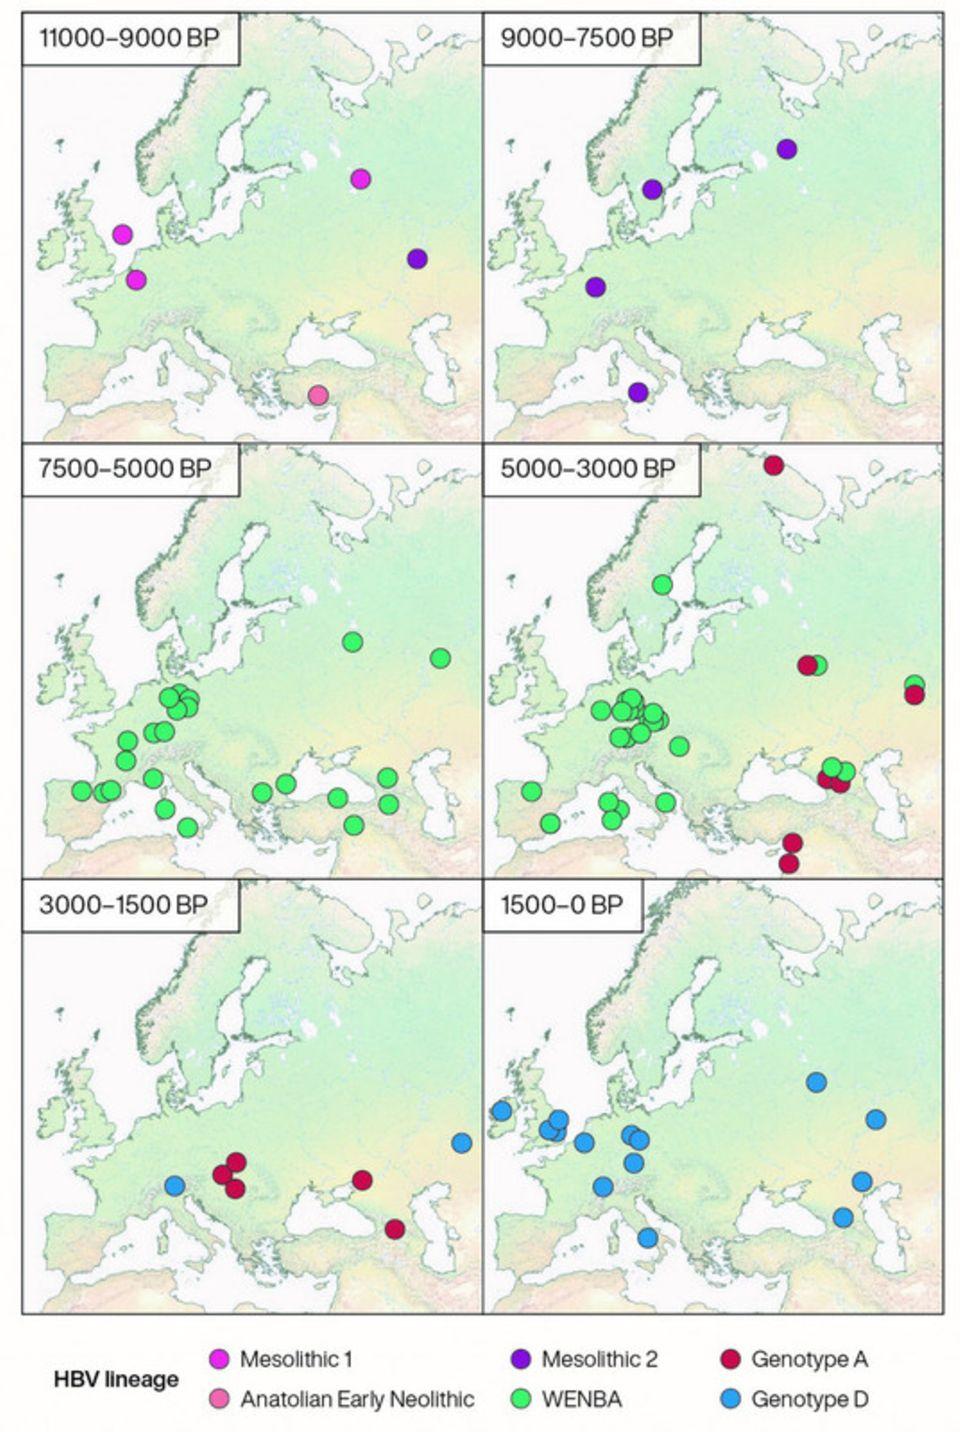 Geografische Verteilung historischer HBV-Genome in verschiedenen Zeiträumen, eingefärbt nach Abstammung